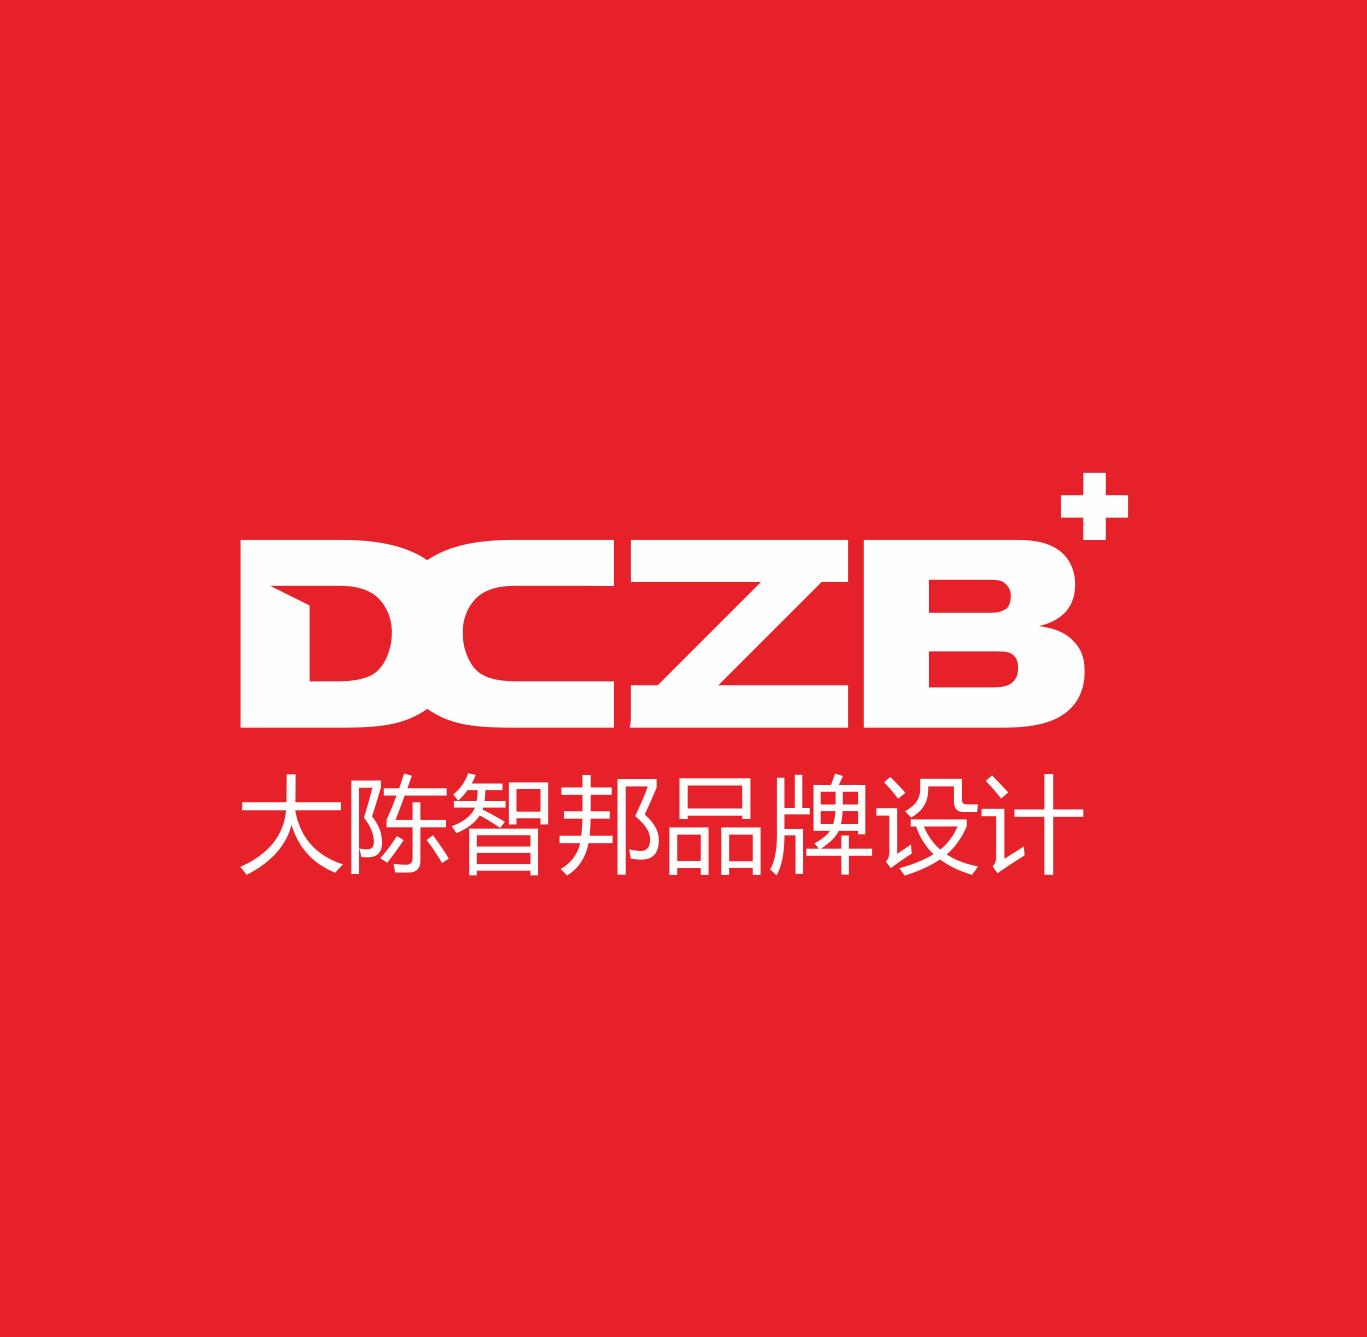 大陈智邦(长沙)品牌设计有限公司